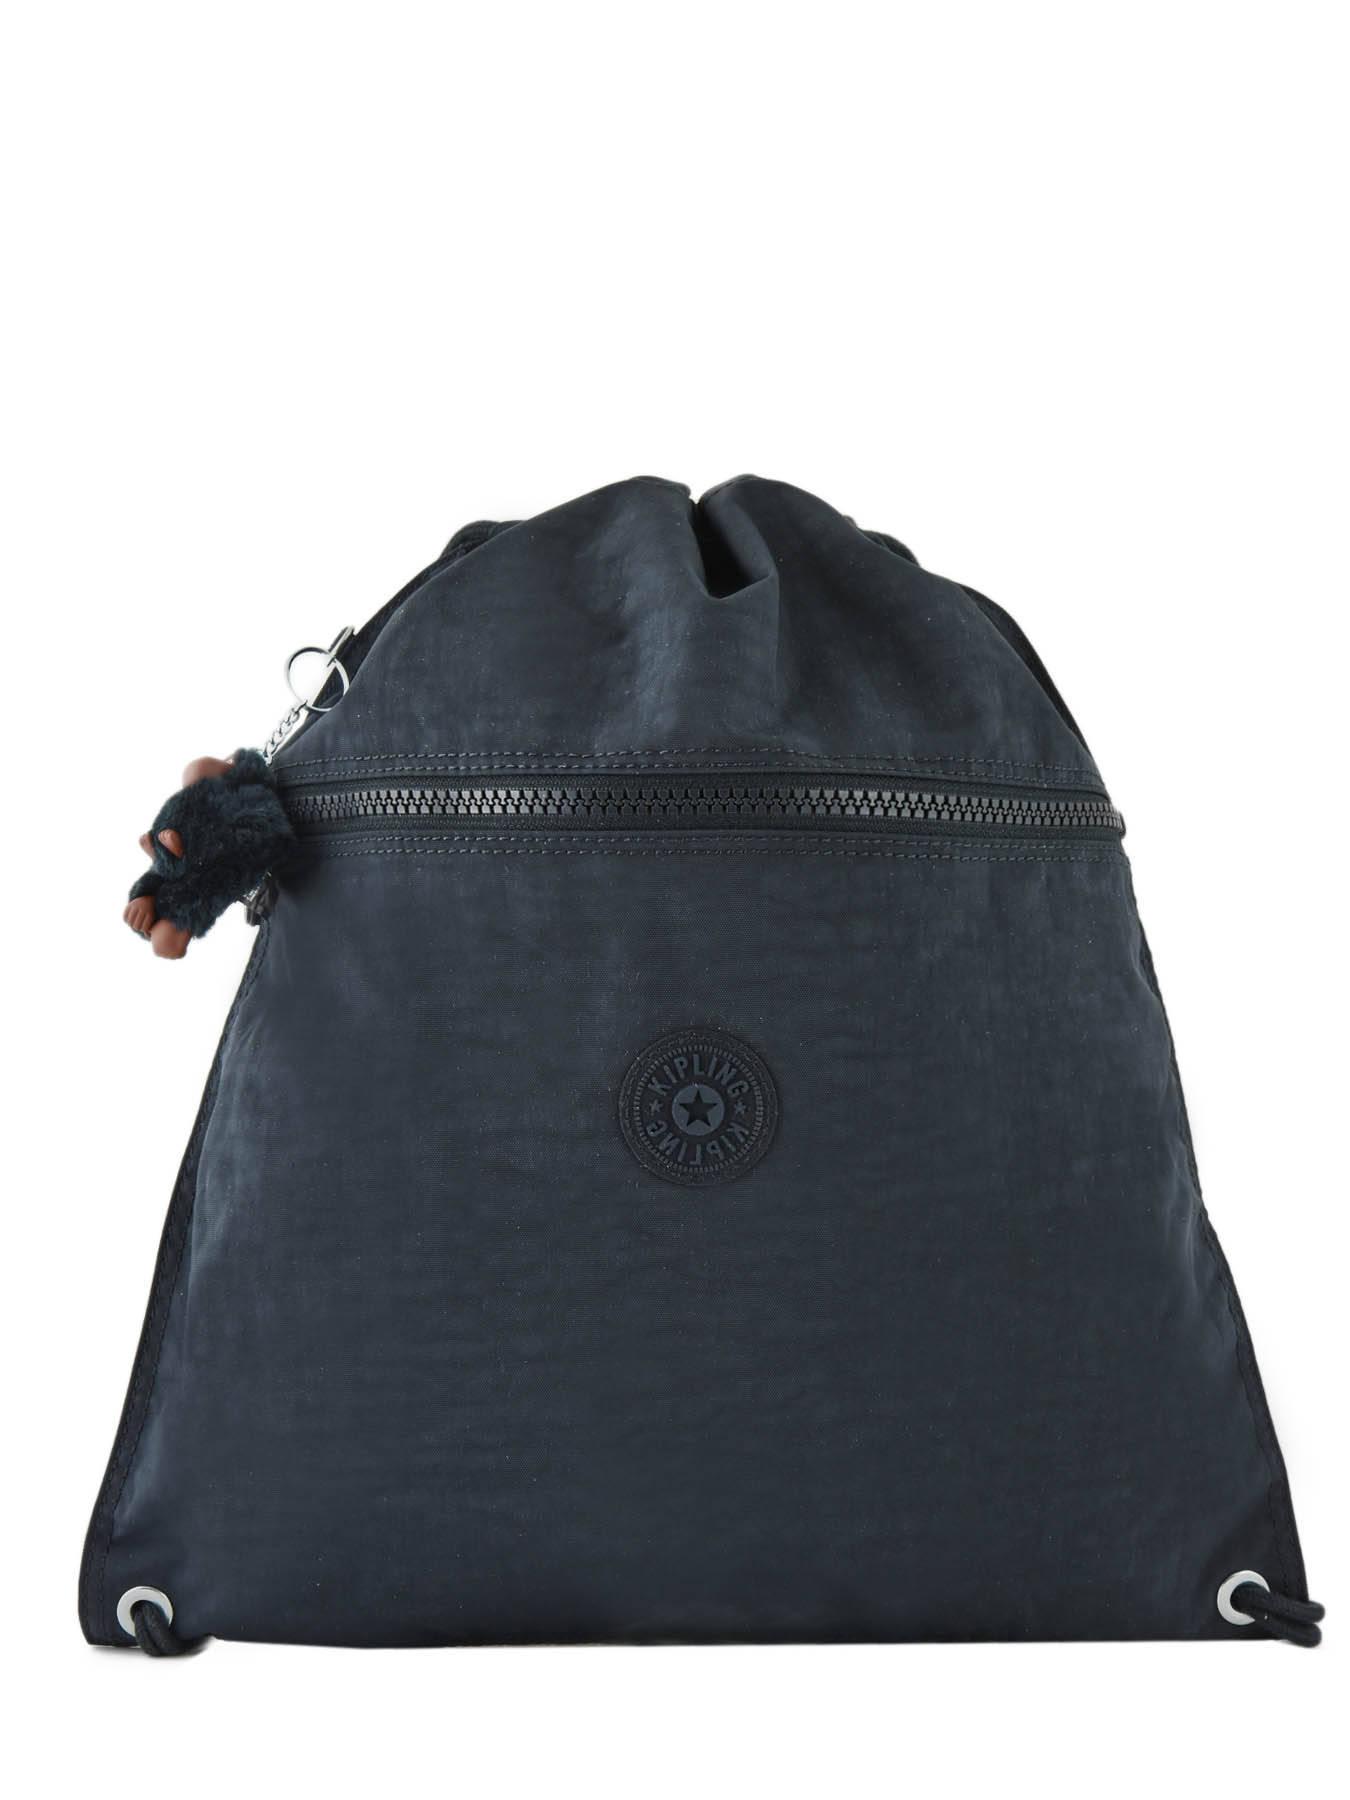 skate shoes new product designer fashion Sports' bag KIPLING